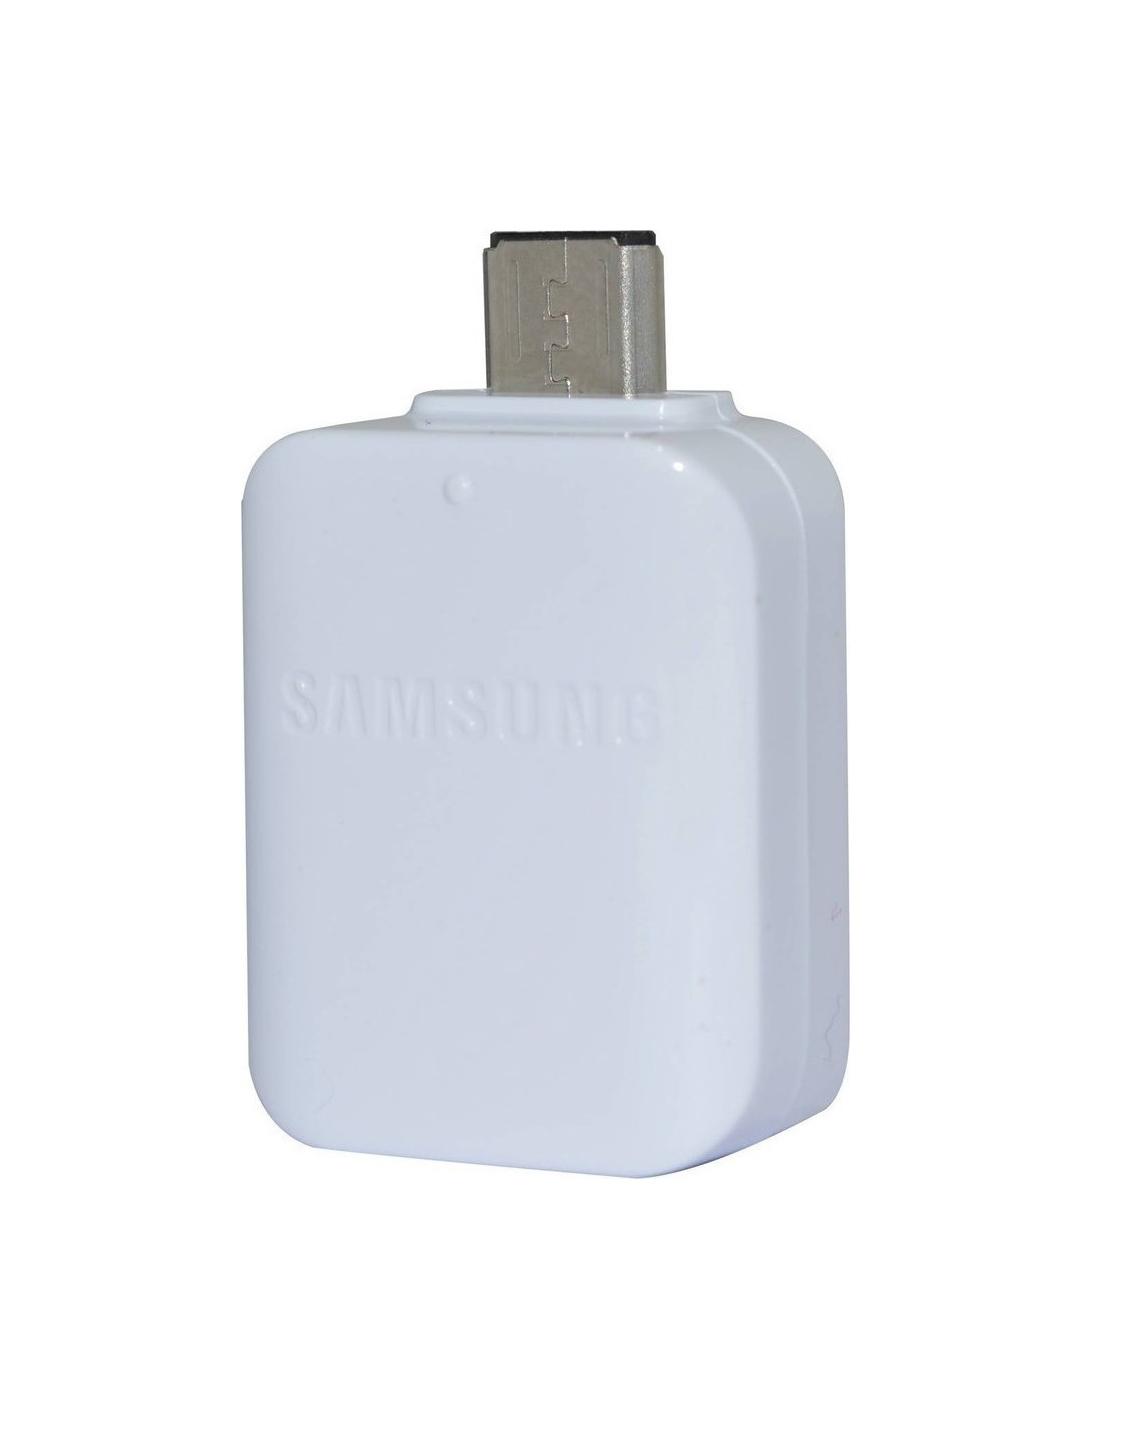 Αντάπτορας Samsung micro USB male - USB-A Female EE-UG930 GH96-09728A White Bulk